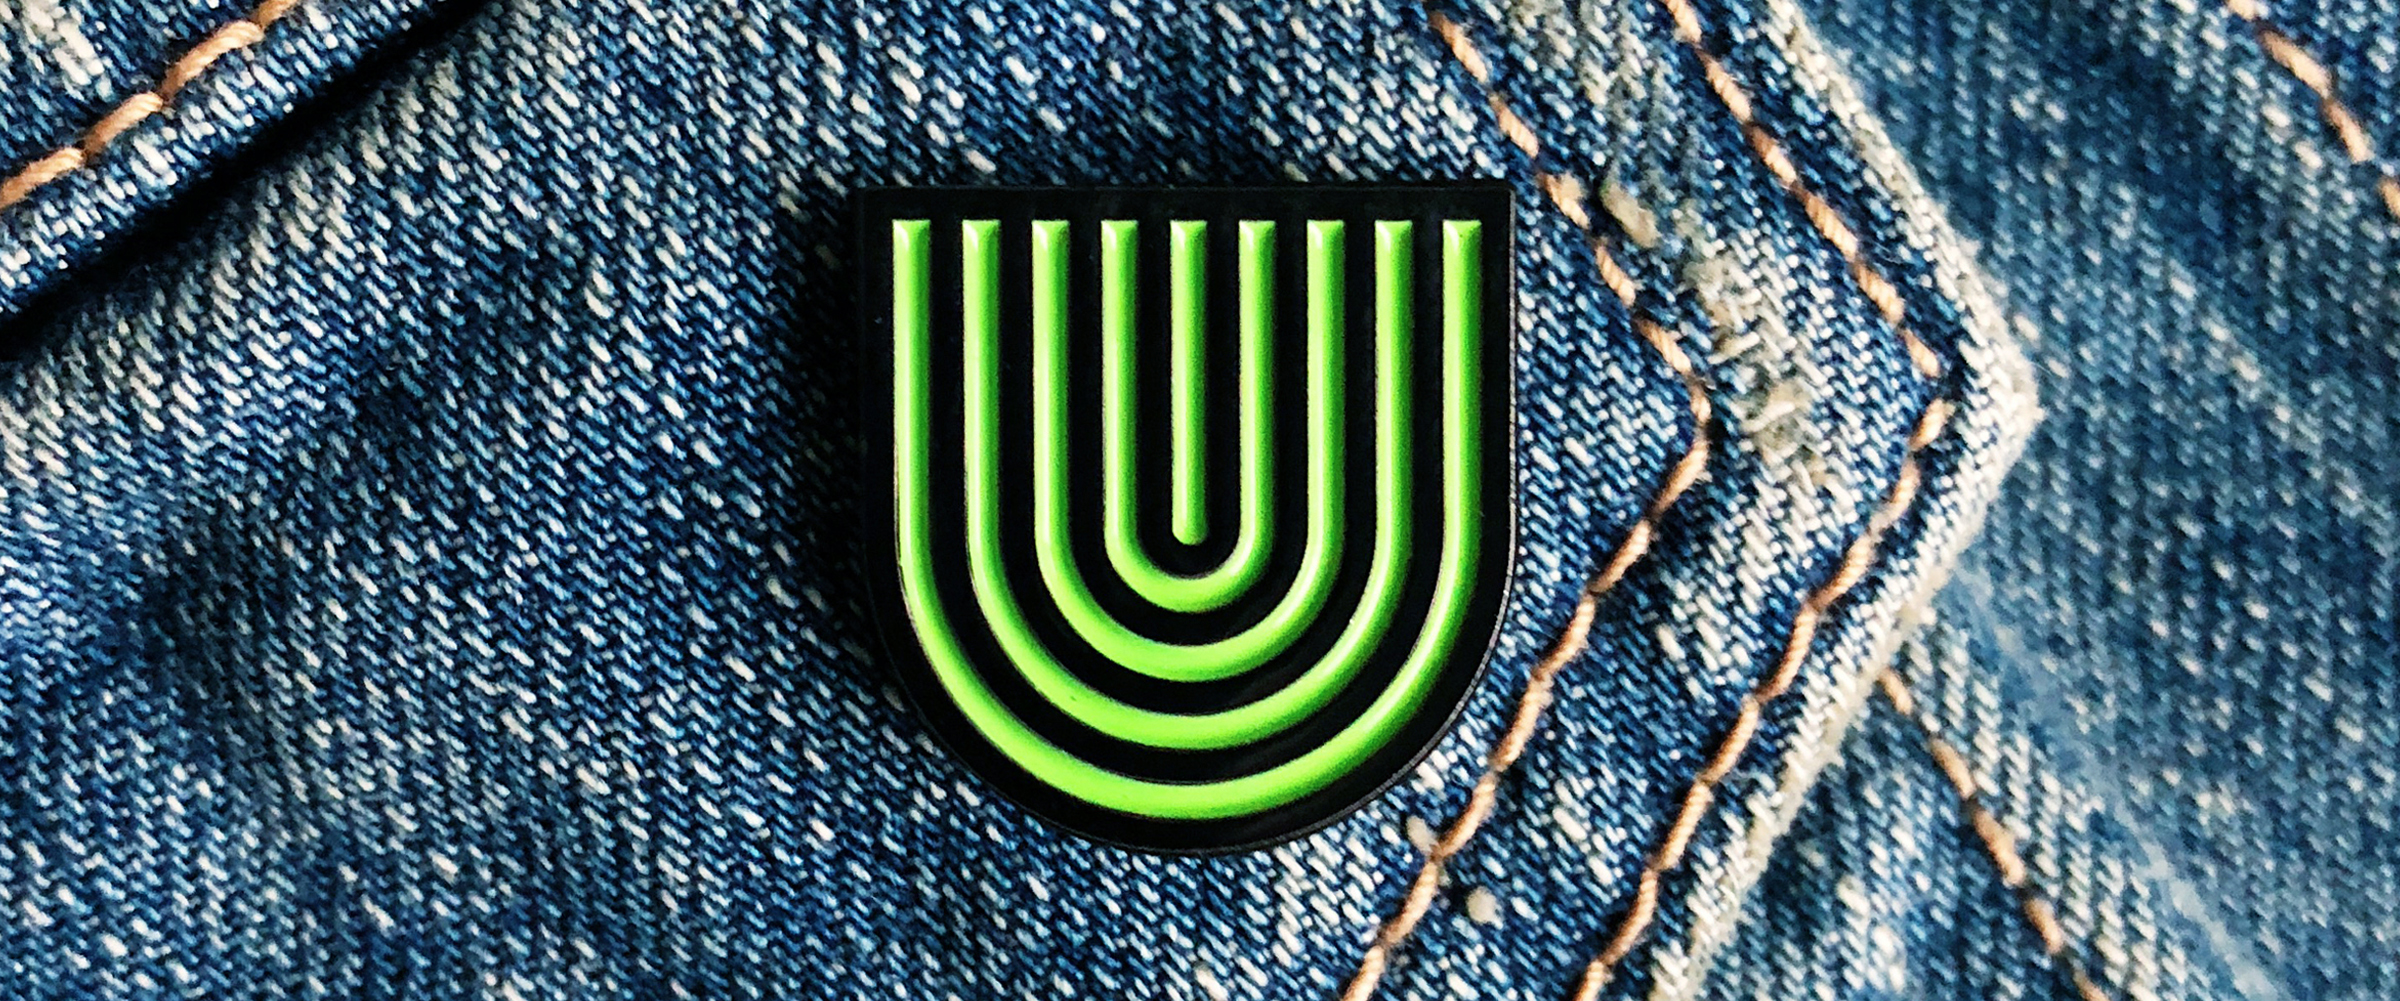 Union Type Lapel Pin5.jpg